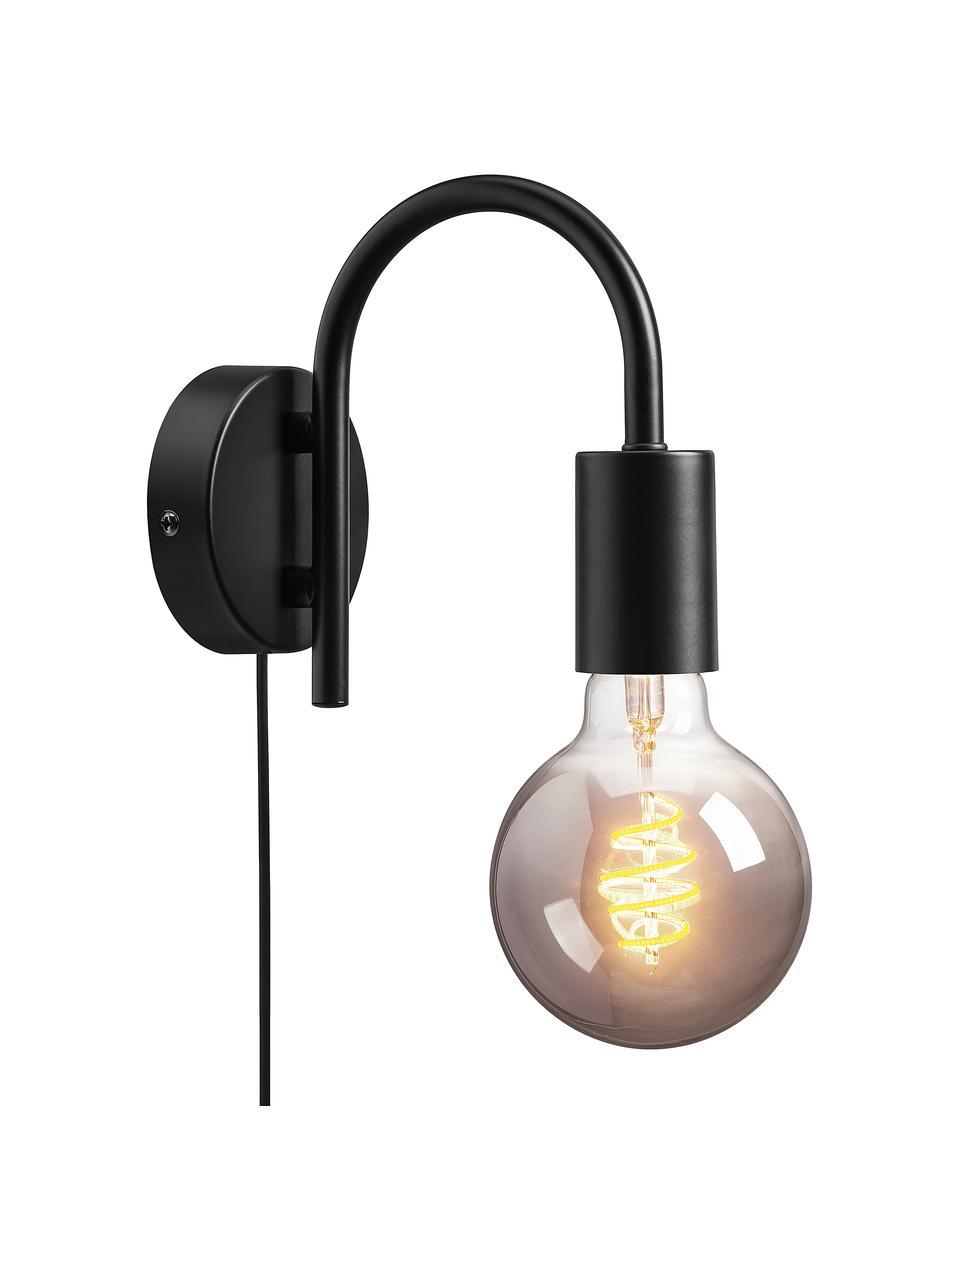 Wandleuchte Paccio mit Stecker, Lampenschirm: Metall, beschichtet, Schwarz, 9 x 16 cm